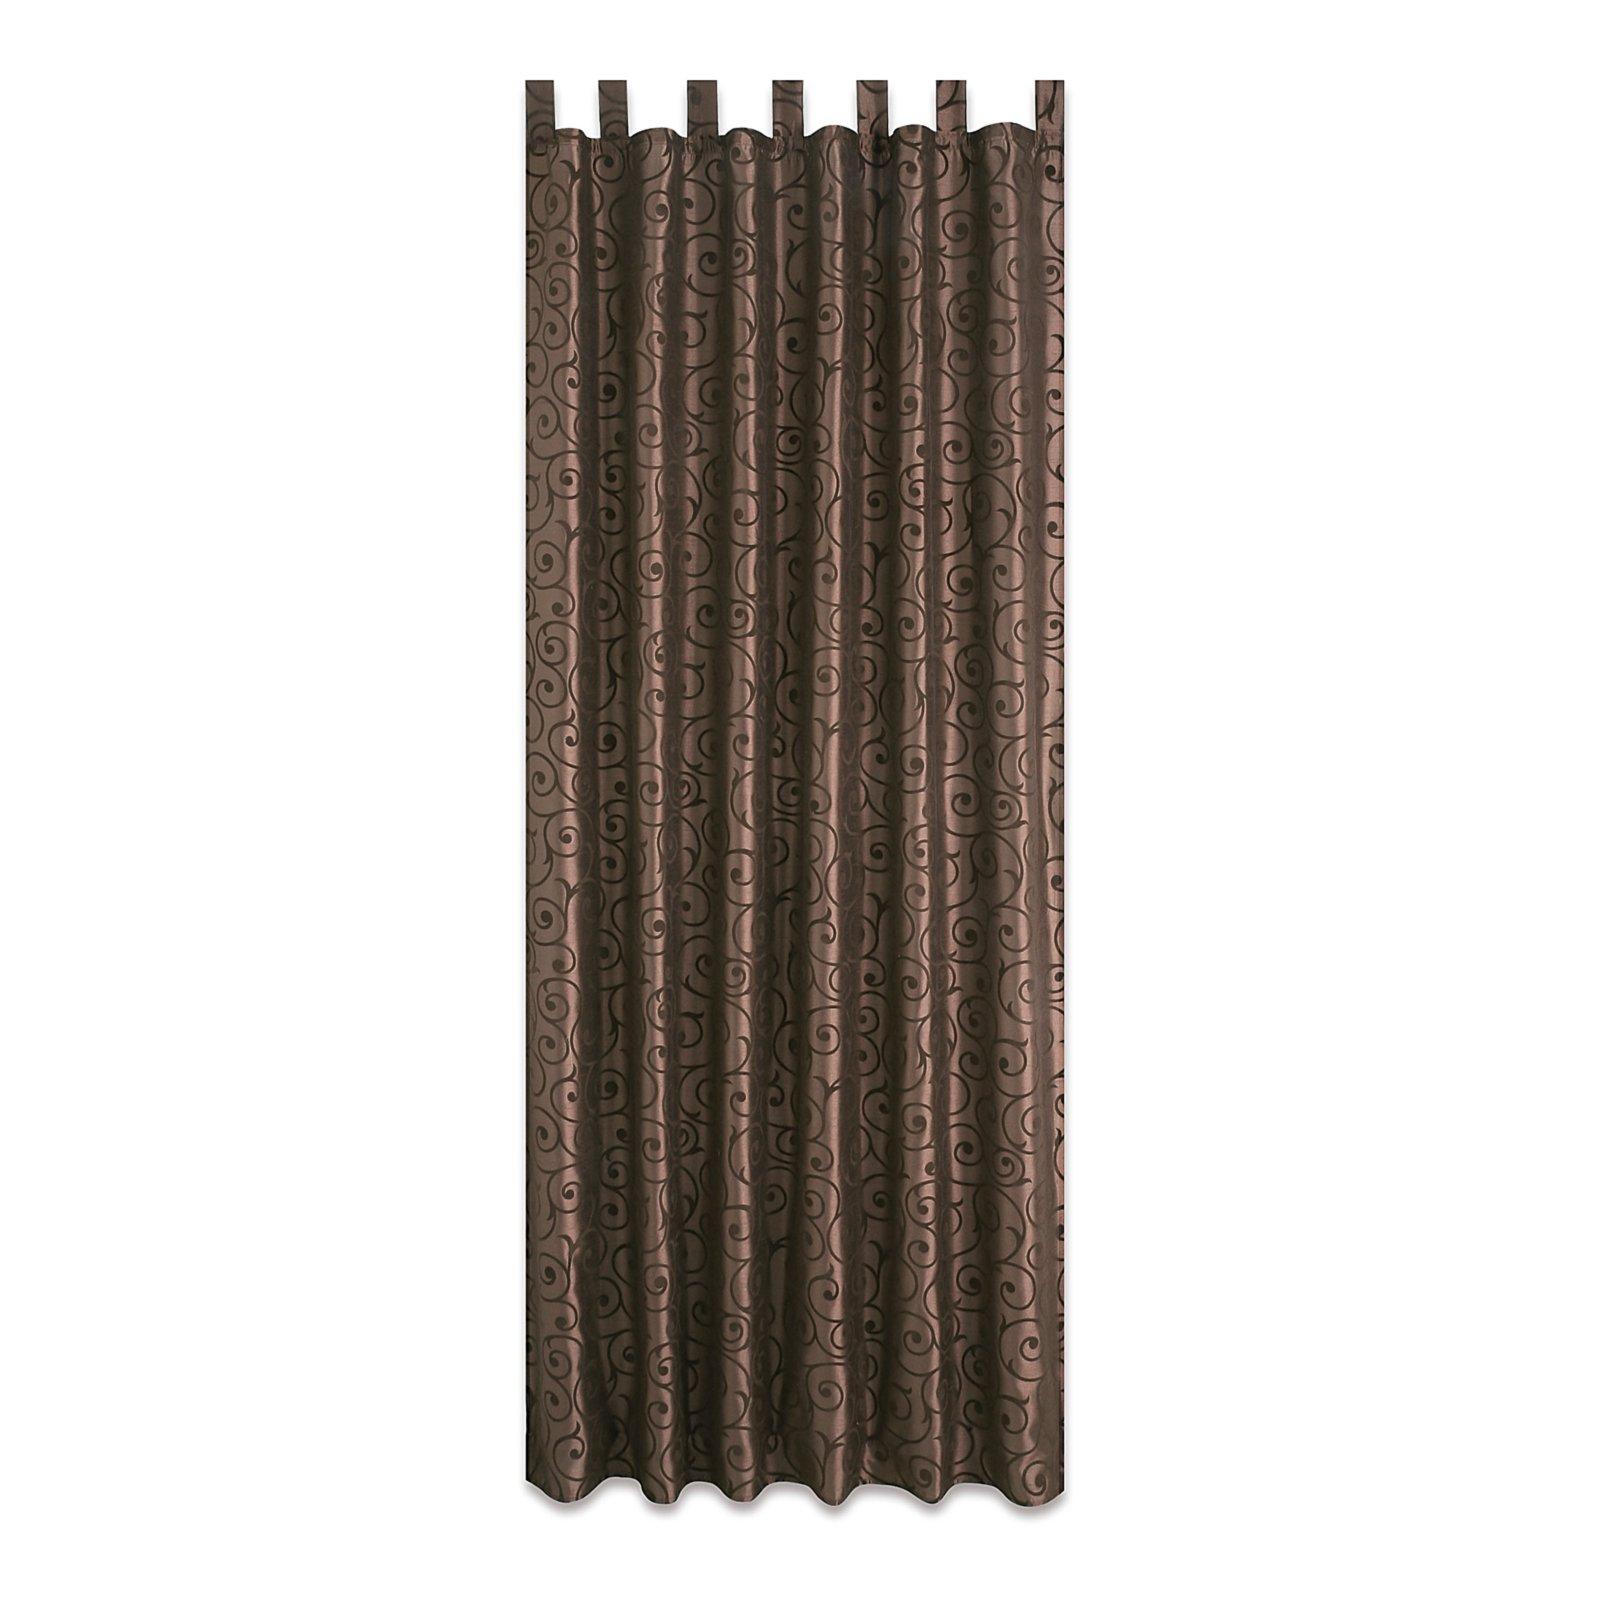 schlaufenschal elegance braun 140x235 cm - Braun Gardinen